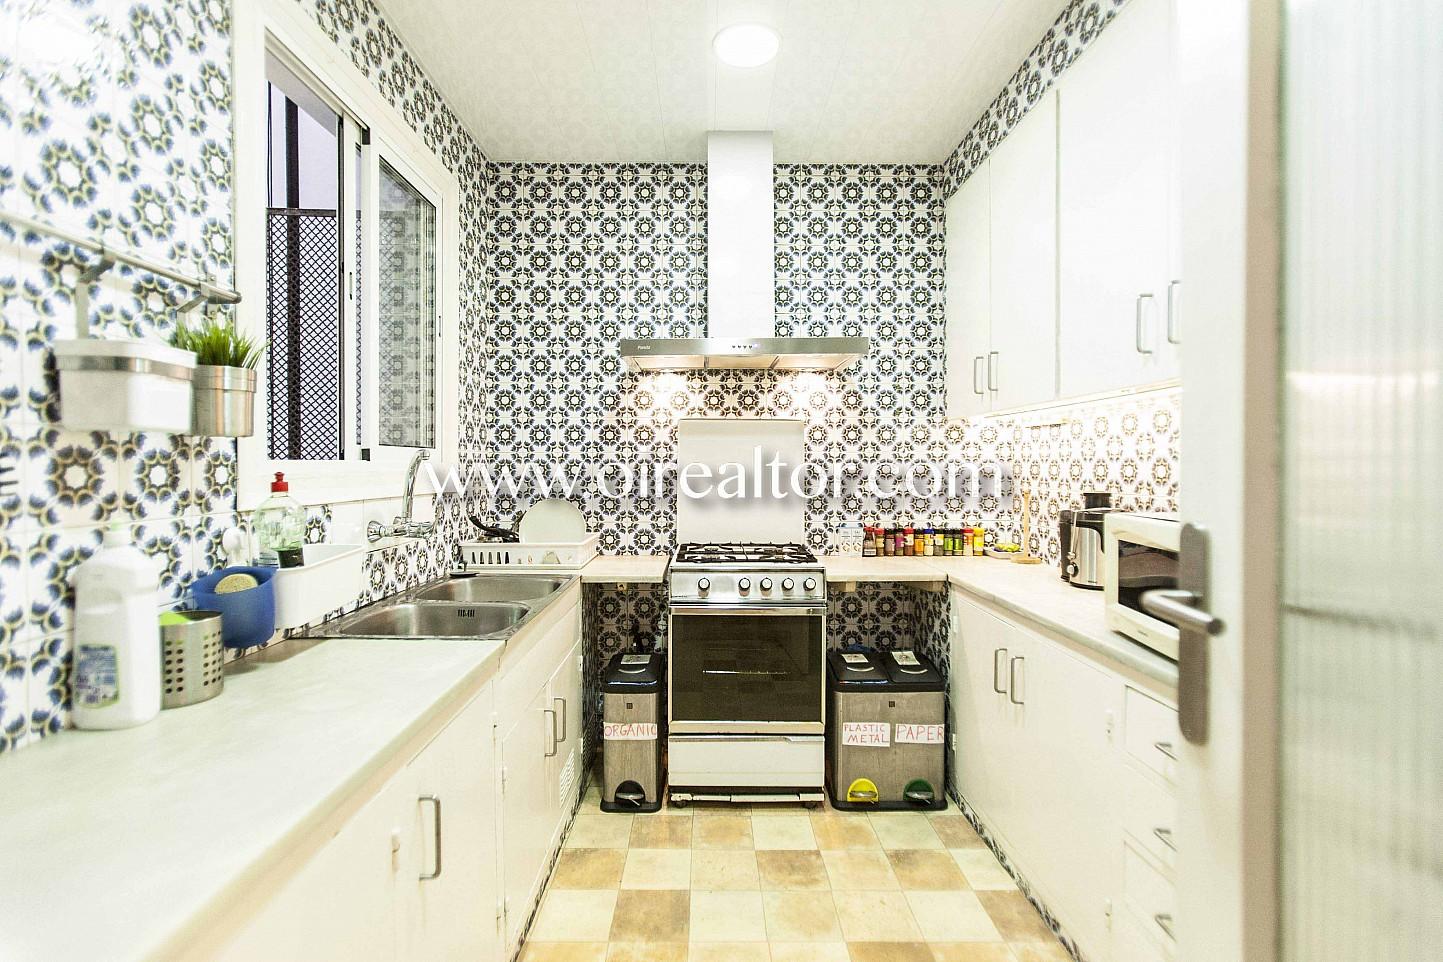 cocina, cocina equipada, campana extractora, fogones, cocina de gas,